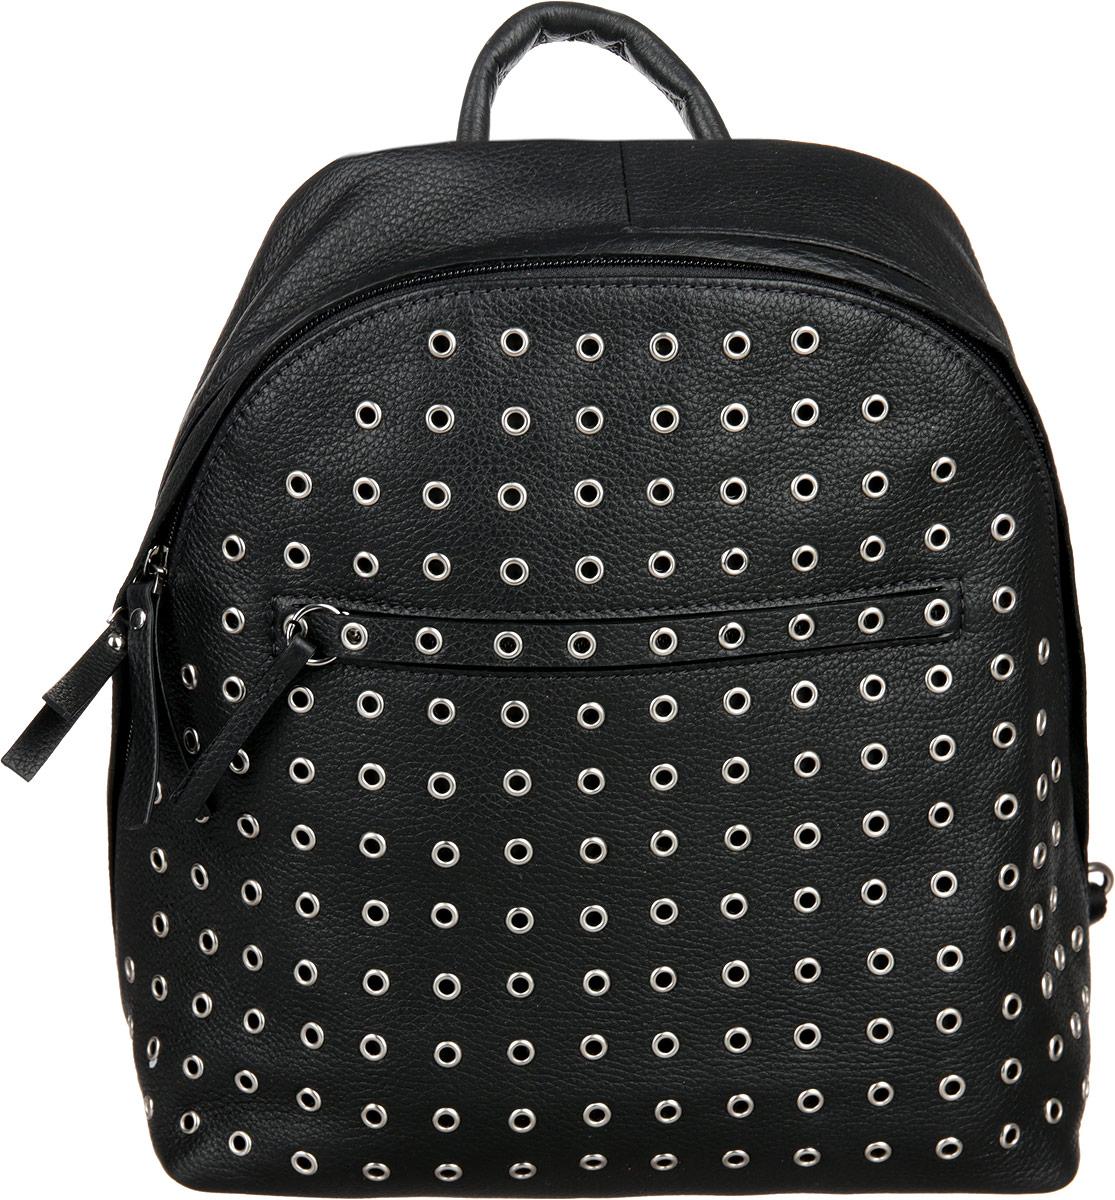 Рюкзак женский Palio, цвет: черный. 14390A1-018УТ-000055302_ черный, салатовыйСтильный рюкзак Palio выполнен из натуральной кожи, оформлен металлической фурнитурой.Изделие содержит одно отделение, которое закрывается на молнию. Внутри расположены: два накладных кармашка для мелочей и врезной карман на молнии. Снаружи, на задней стороне рюкзака расположен врезной карман на застежке-молнии. Лицевая сторона дополнена врезным карманом на молнии. Рюкзак оснащен петлей для подвешивания и двумя практичными лямками, длина которых регулируется при помощи пряжки.Оригинальный аксессуар позволит вам завершить образ и быть неотразимой.